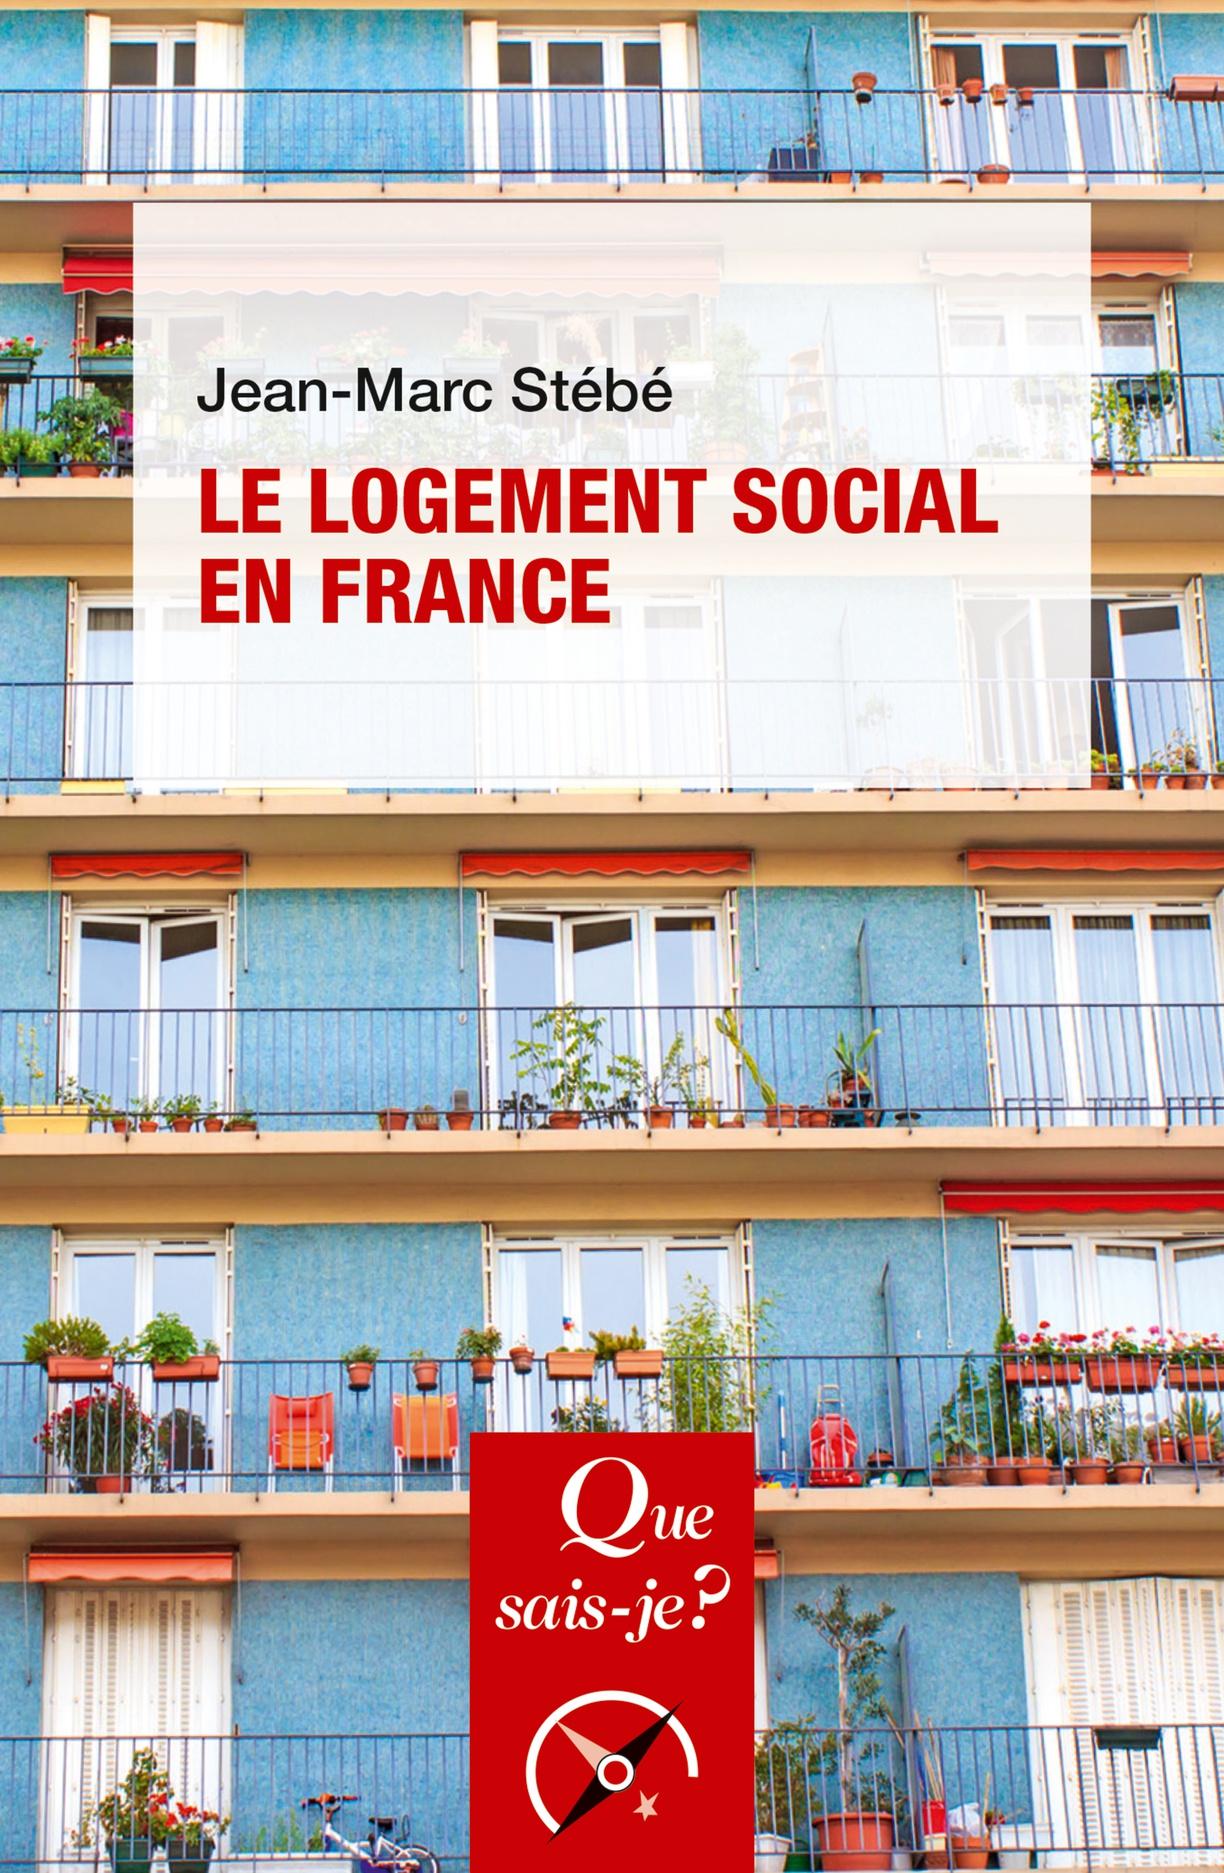 """Résultat de recherche d'images pour """"jean-marc stébé le logement social en france"""""""